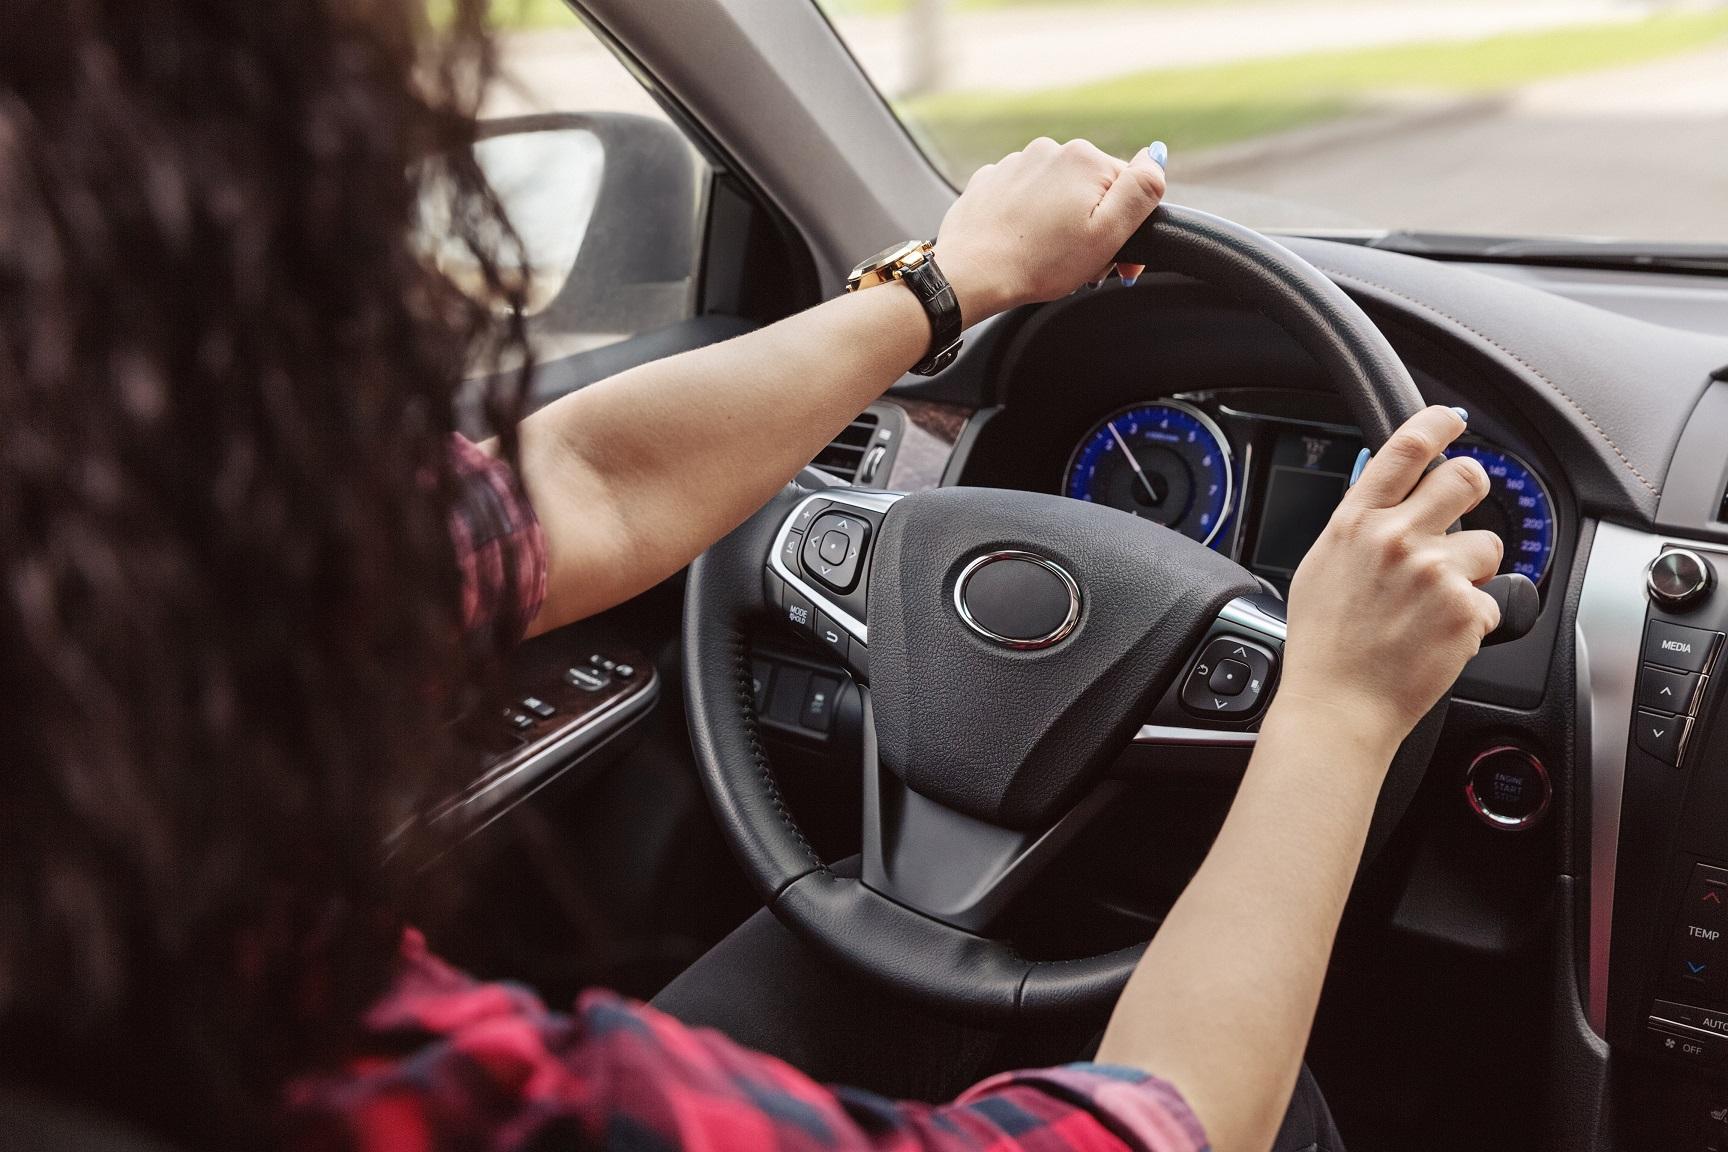 motorista com as maos no volante enquanto dirige veiculo